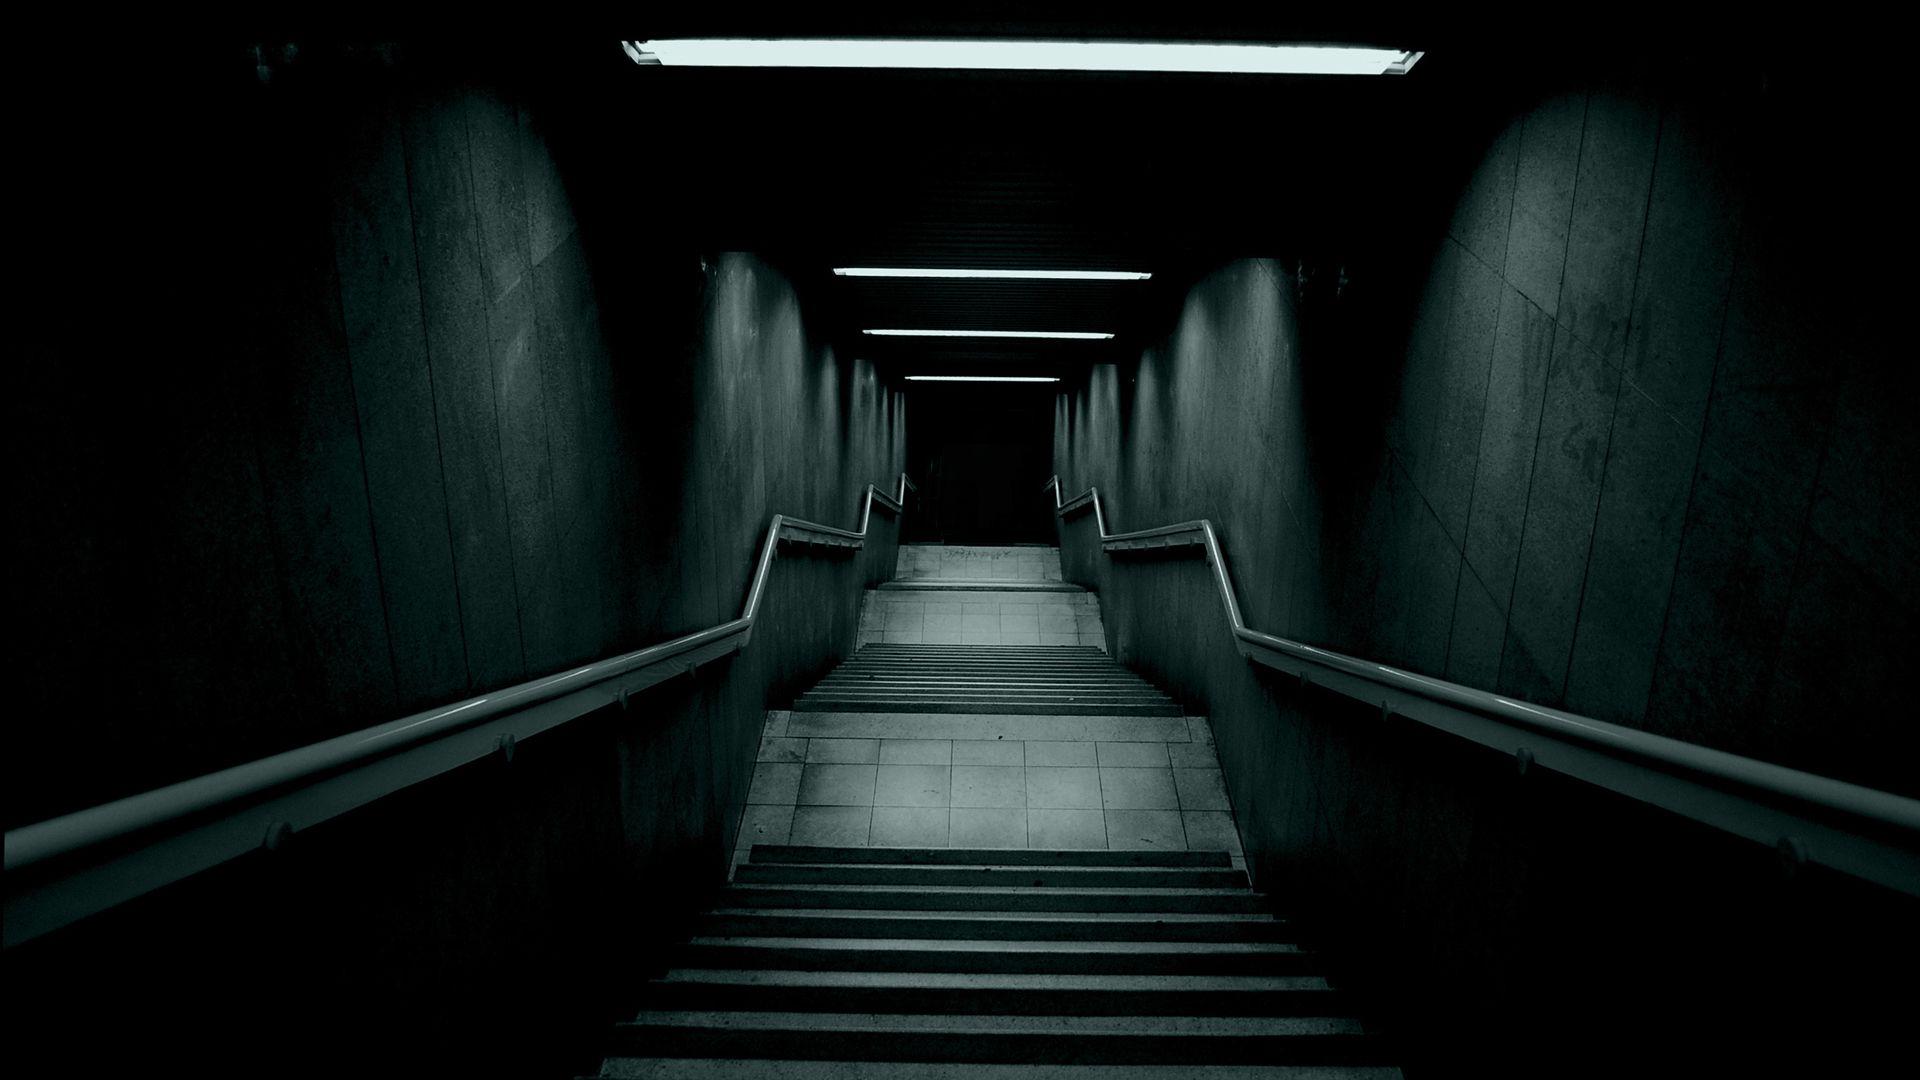 Hình nền đen tối